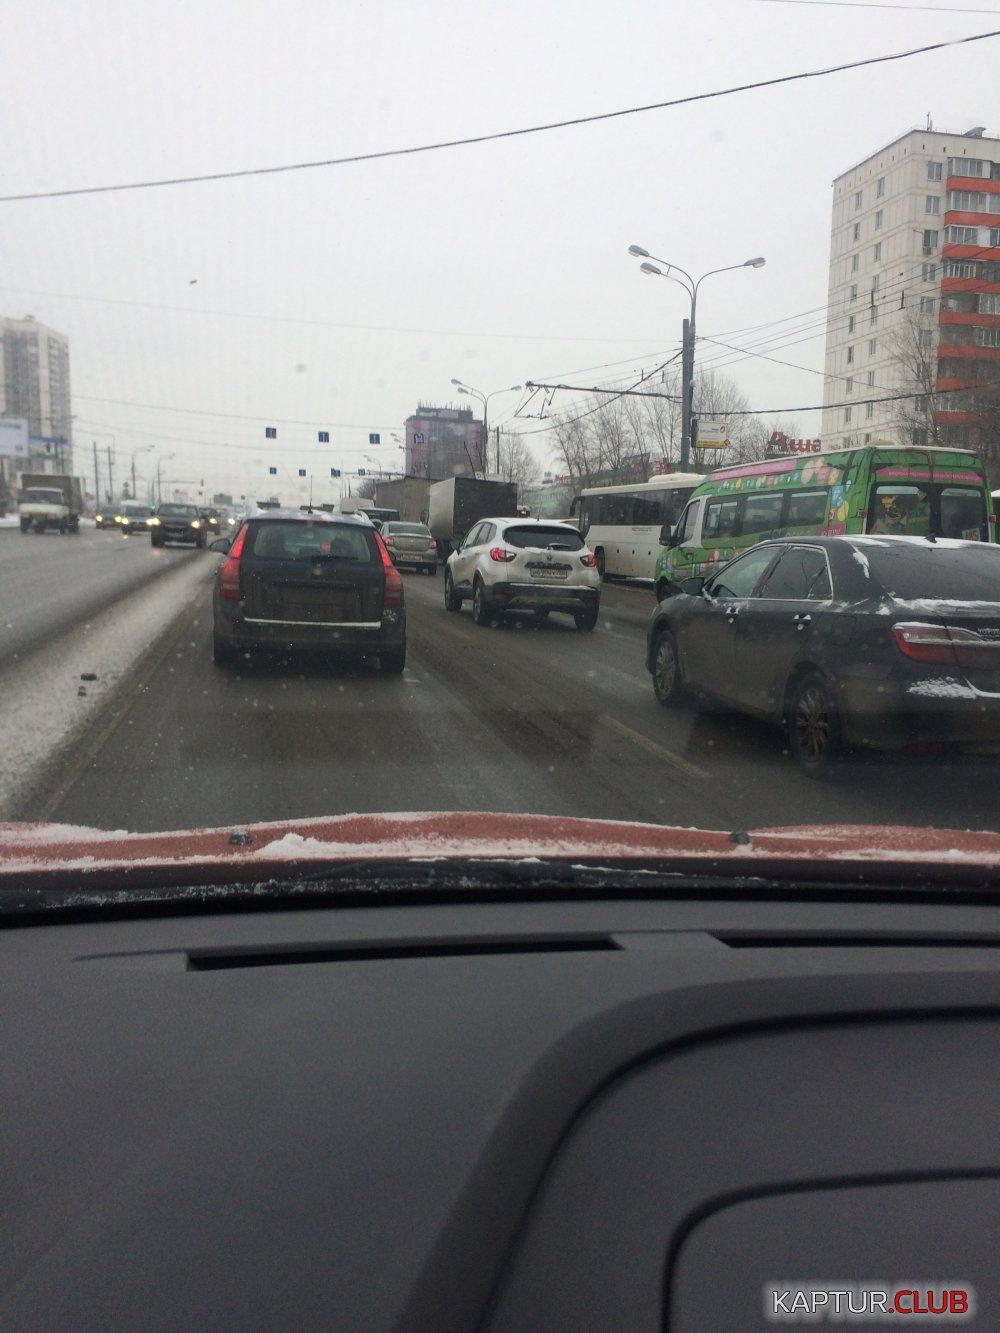 IMG_5283.JPG | Рено Каптур Клуб Россия | Форум KAPTUR.club